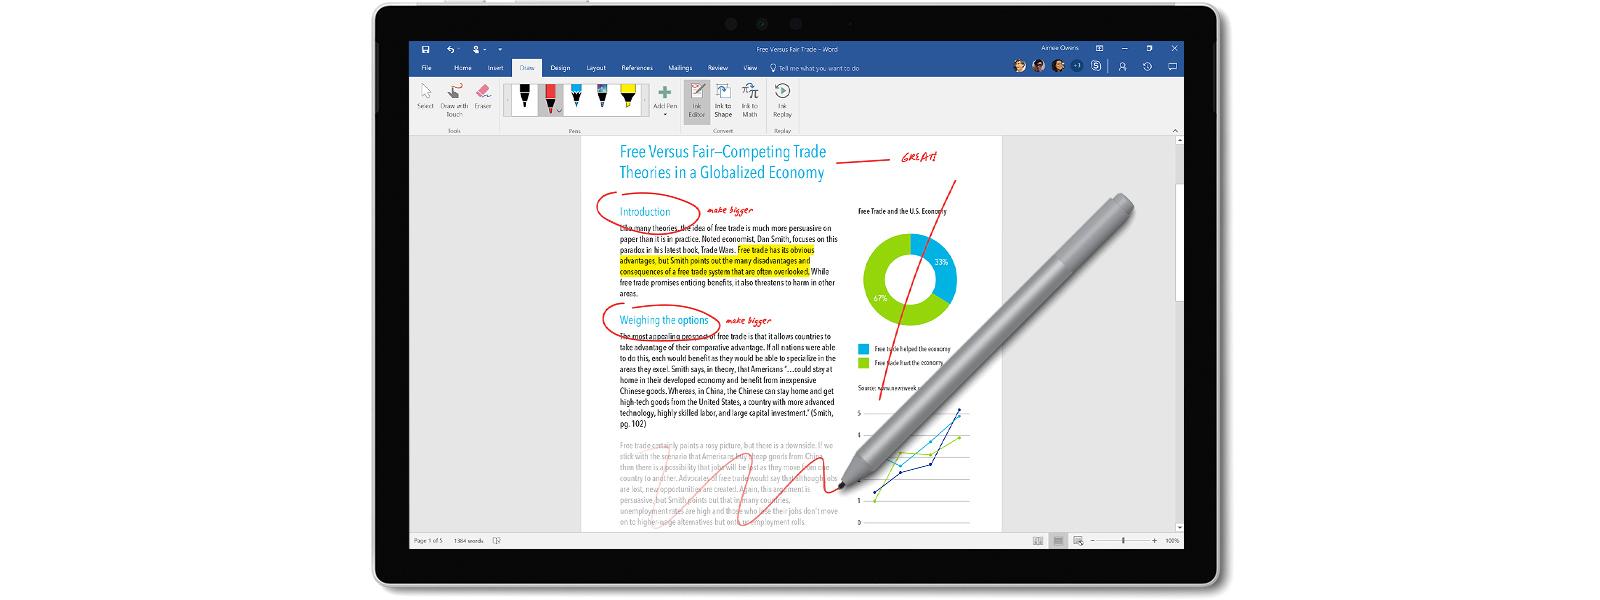 Captura de pantalla de un Lápiz para Surface modificando una página, con comentarios, resaltado, tachado y texto seleccionado en un círculo.